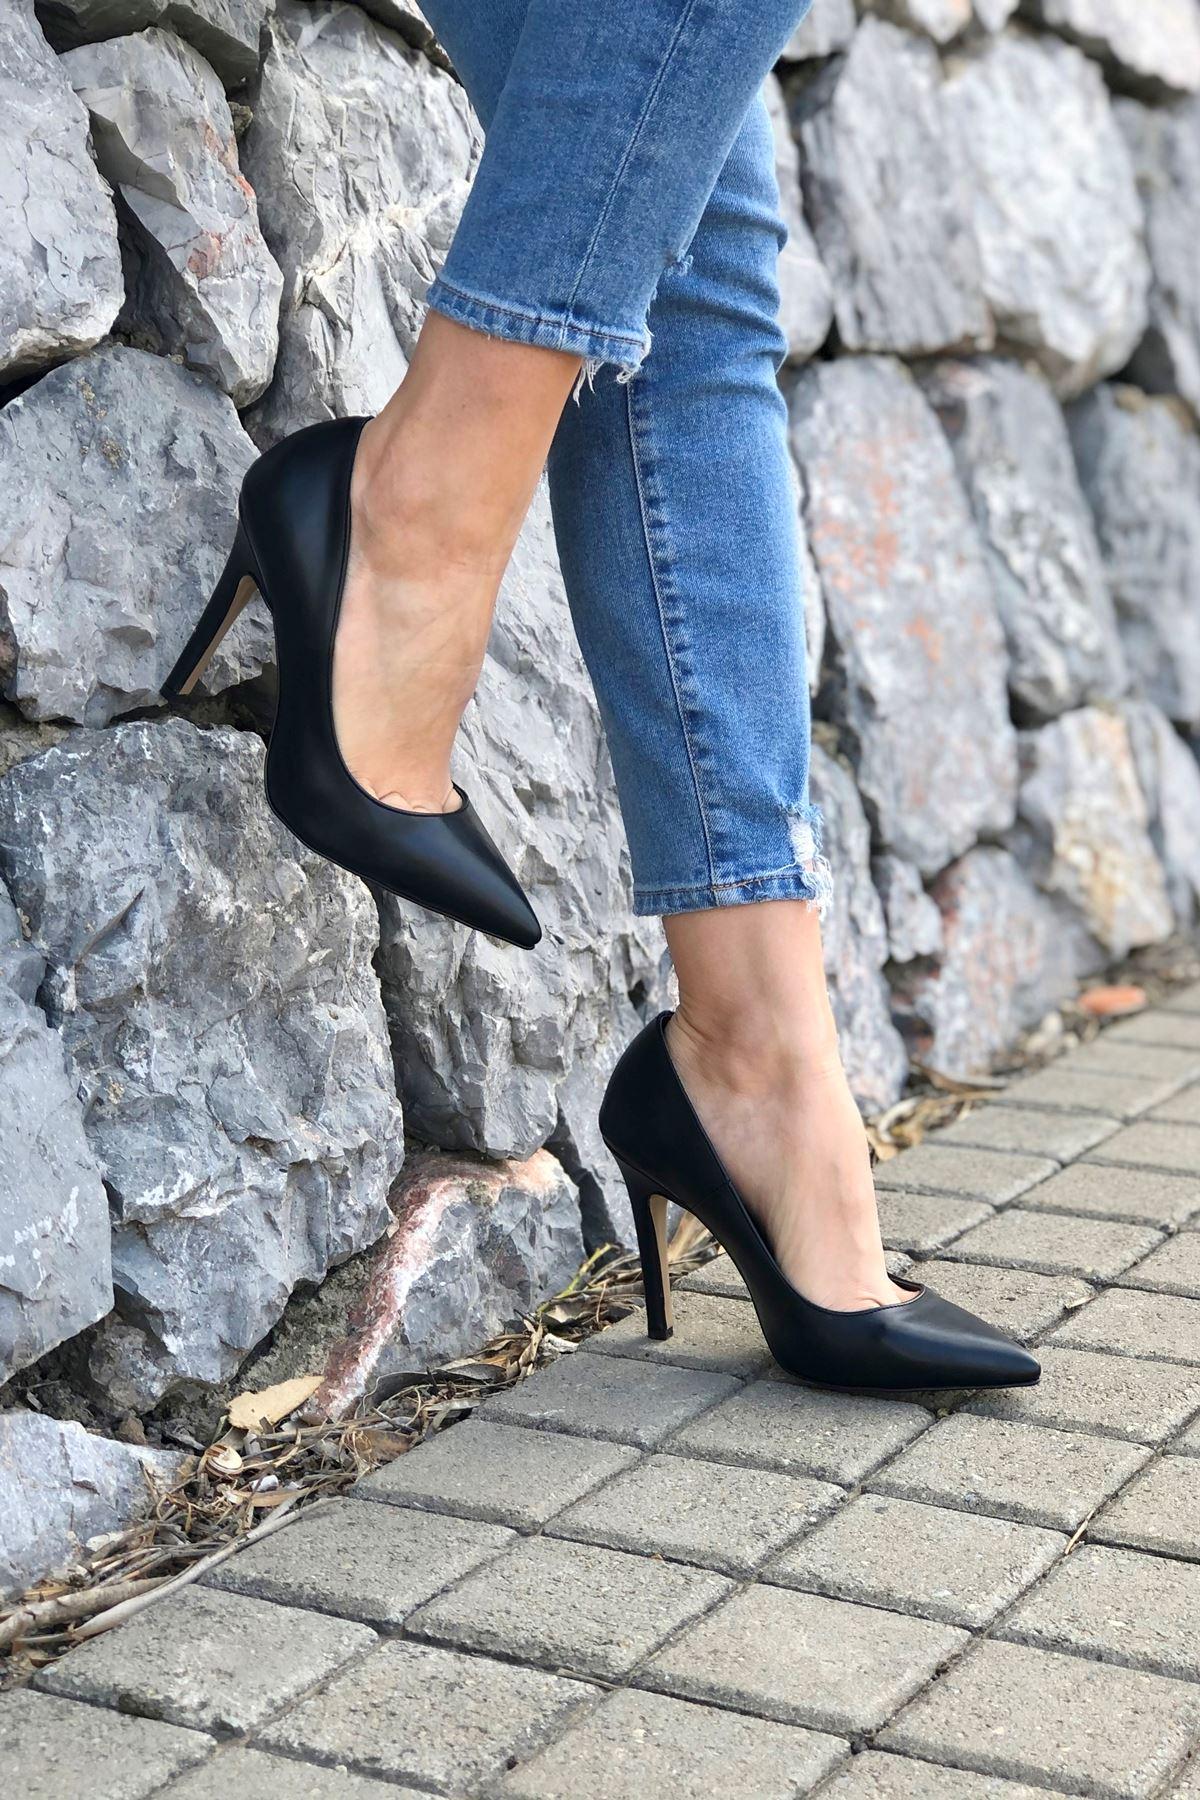 Tokyo Siyah Cilt Topuklu Ayakkabı